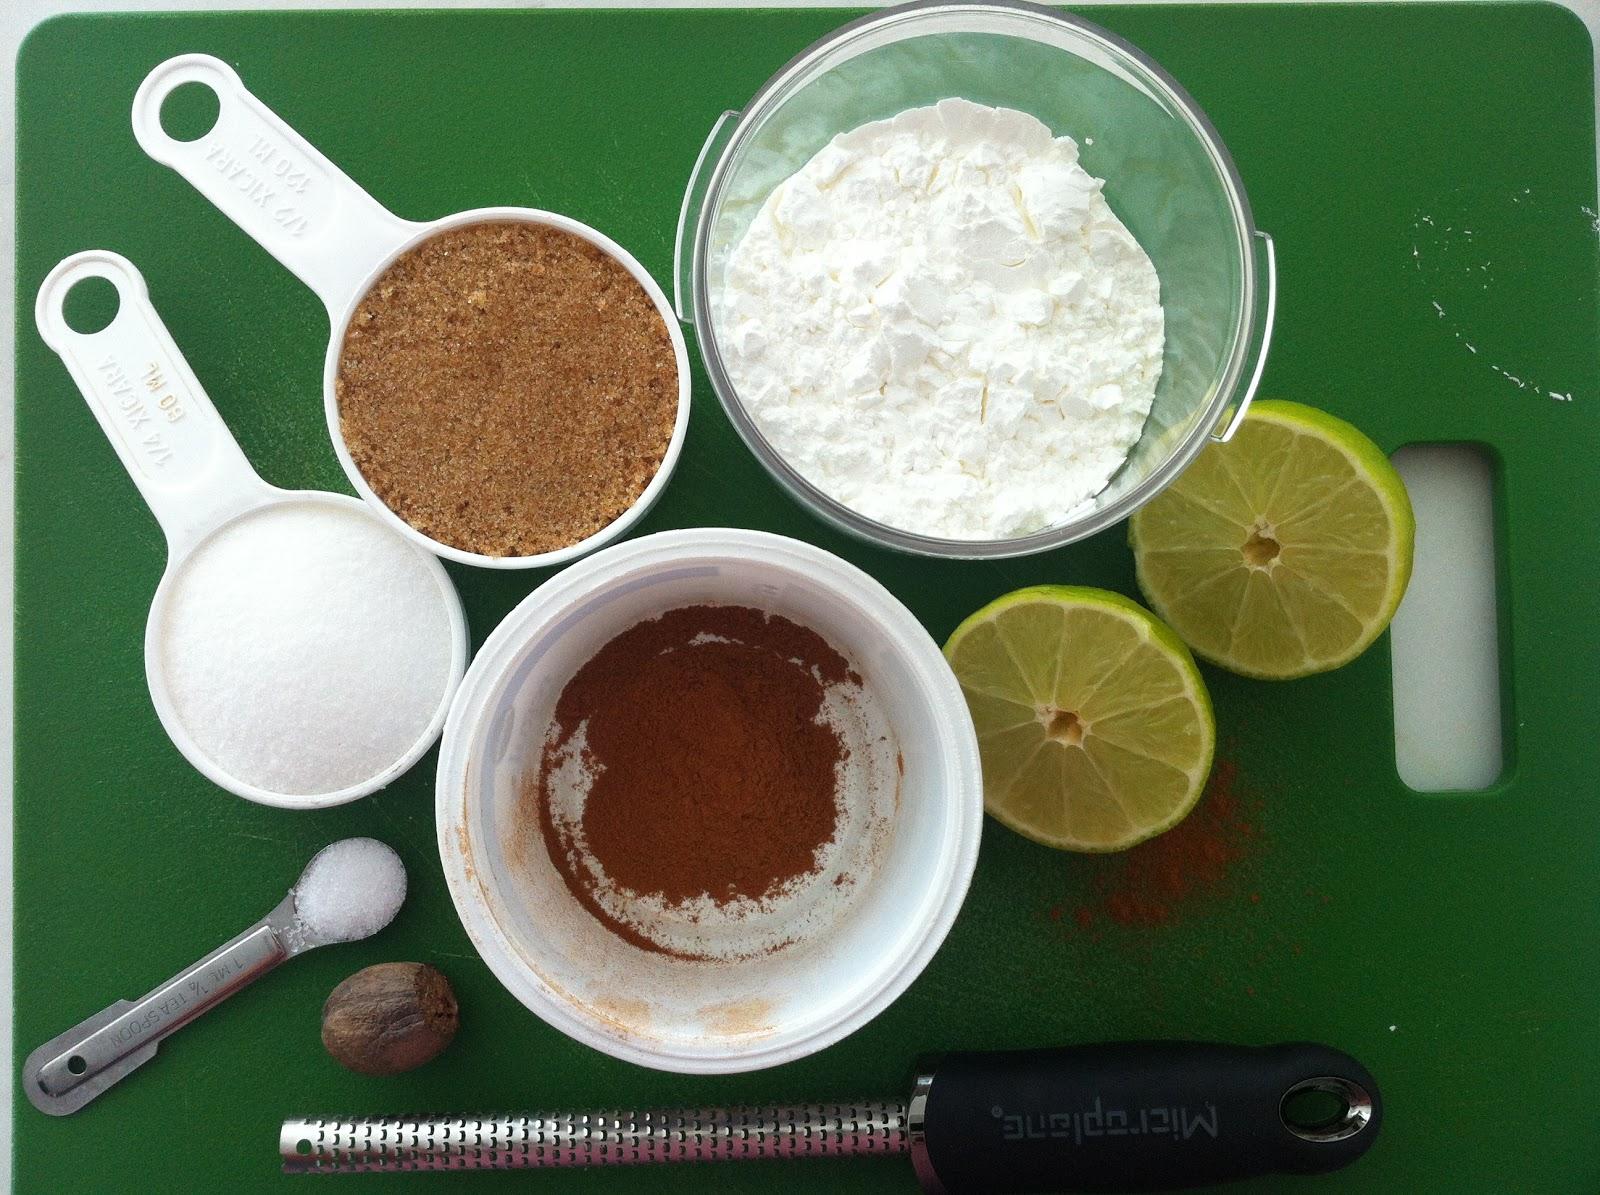 É importante que você comece a receita somente depois de ter todos os ingredientes separados e pesados. No caso do suco de limão, deixe para expremê-los mais próximo do uso, pra que o suco não fique amargo.